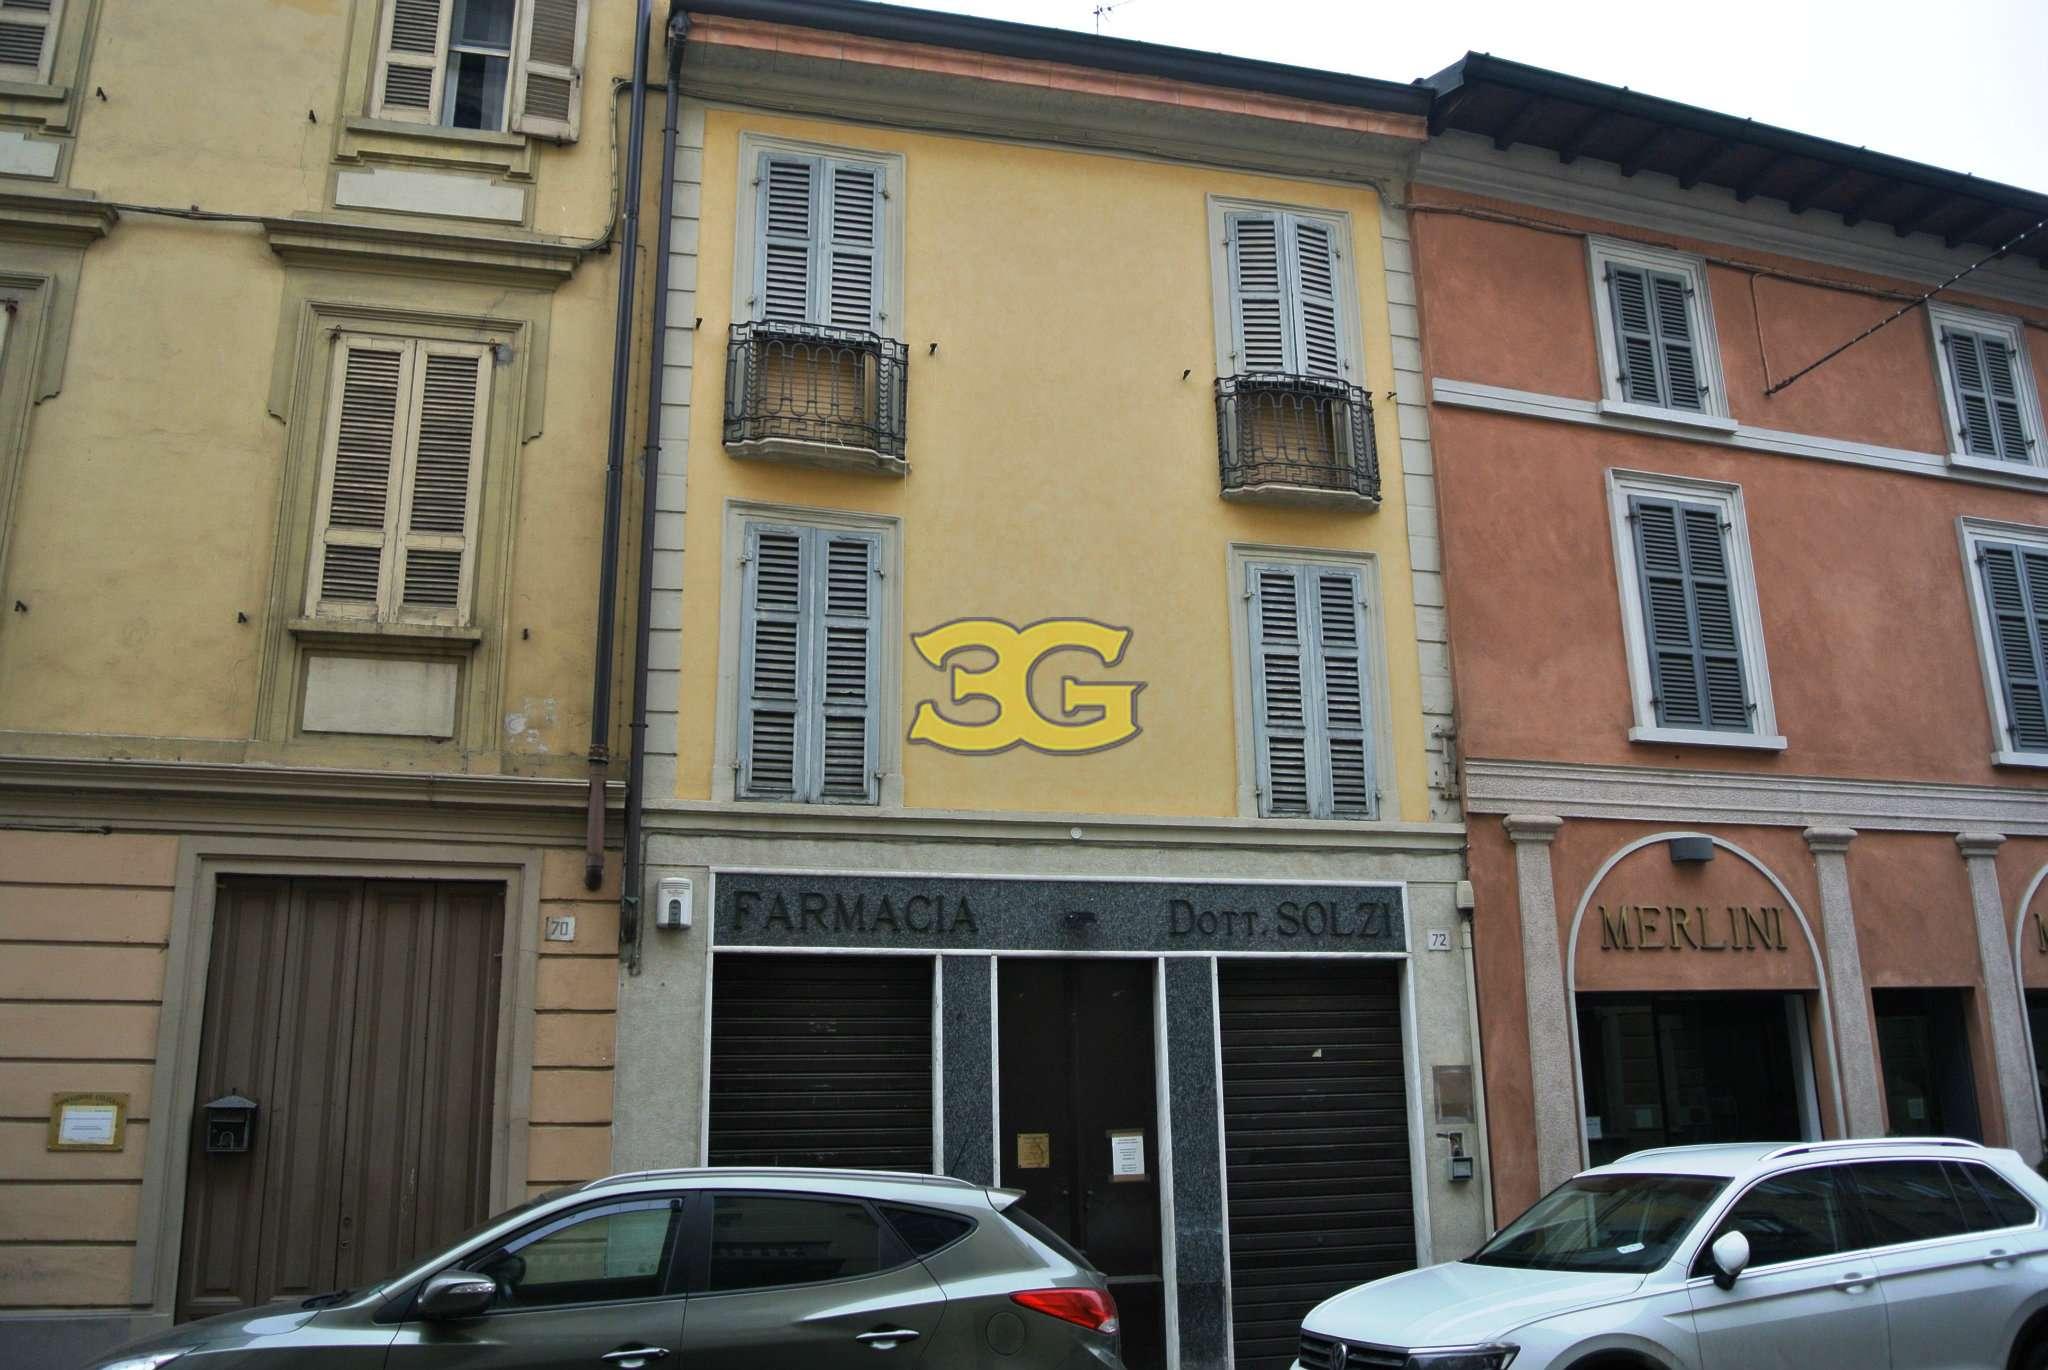 Soluzione Indipendente in vendita a Soresina, 10 locali, prezzo € 125.000 | CambioCasa.it